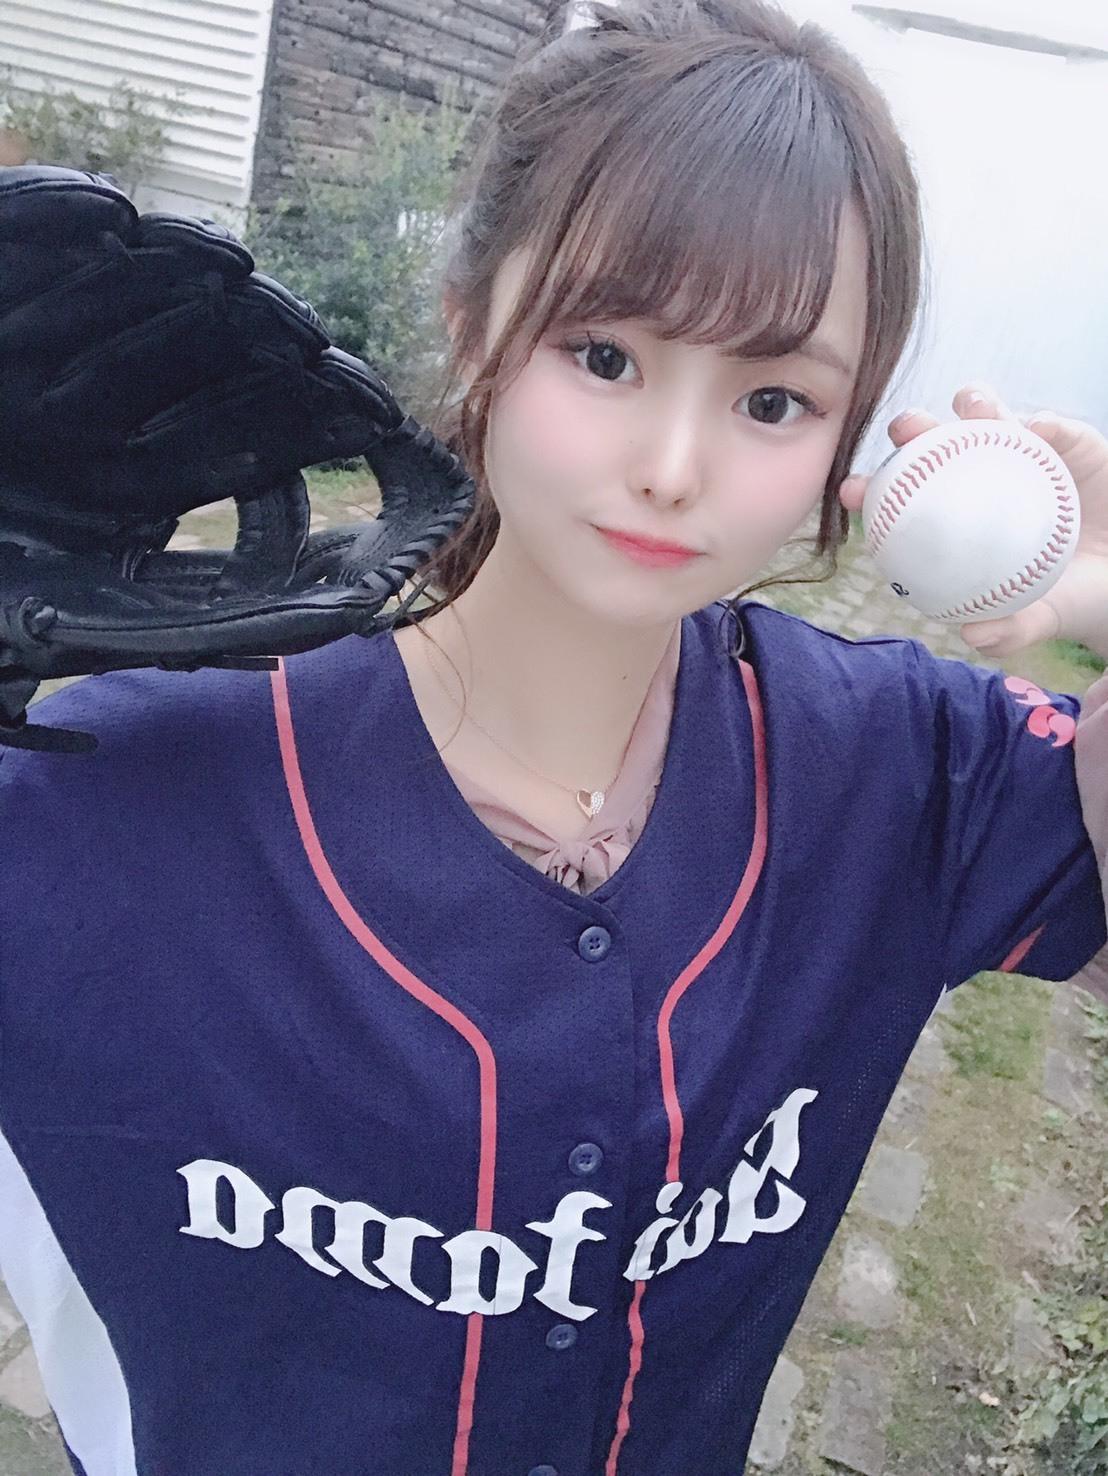 はじめましてヾ(о・ω・о)ノnon-noカワイイ選抜 よしめぐこと吉田恵美です♪1_1_4-2